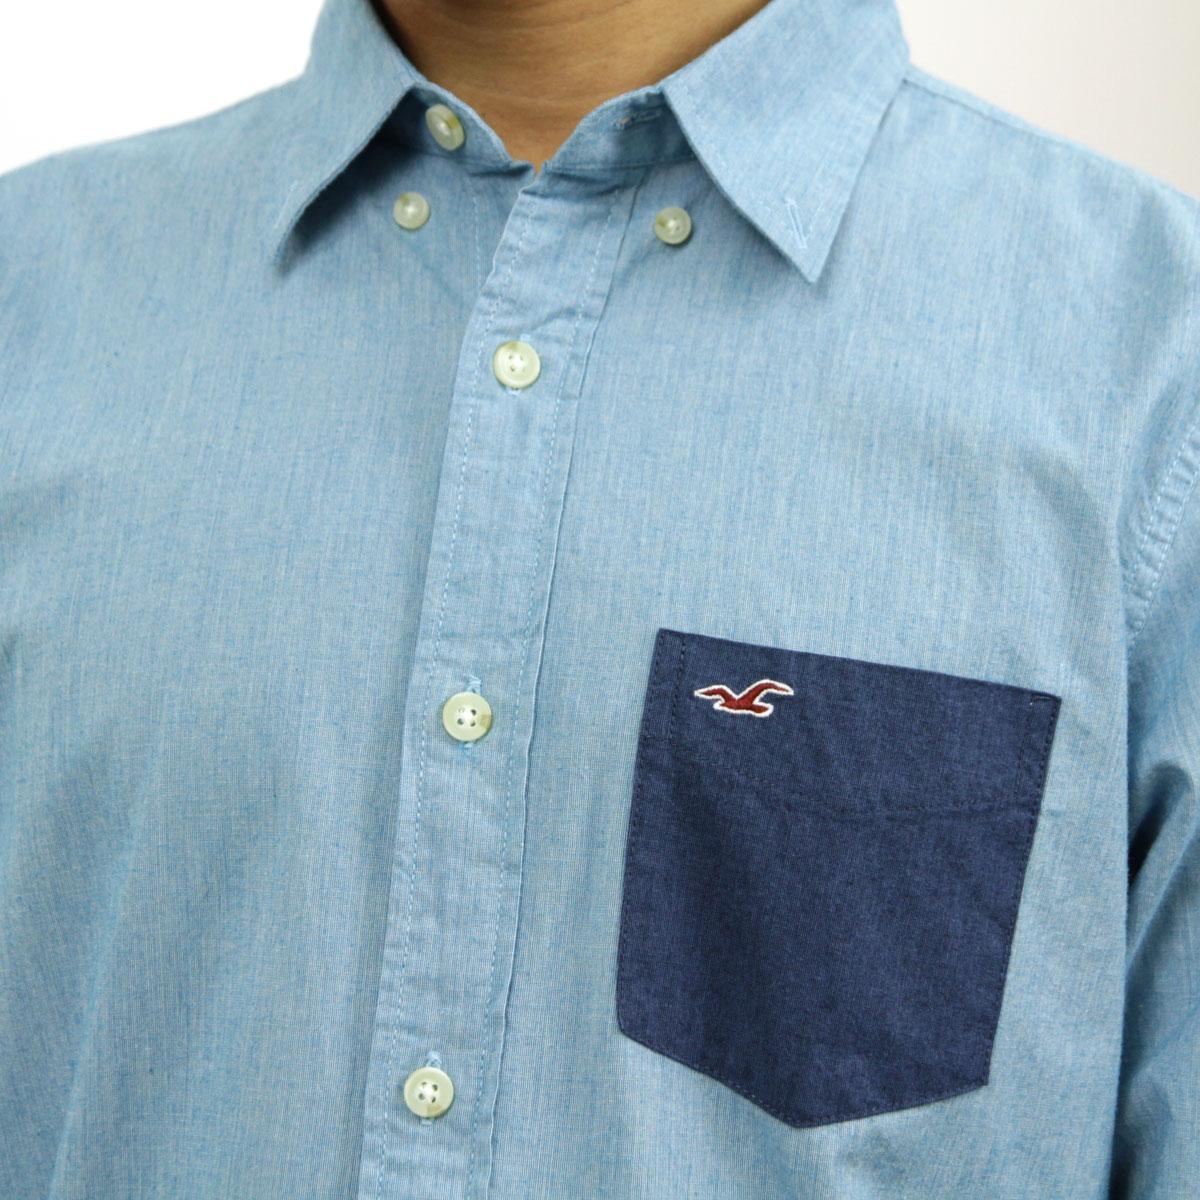 ホリスター HOLLISTER 正規品 メンズ 長袖シャツ  Solid Poplin Shirt Epic Flex 325-259-1586-232